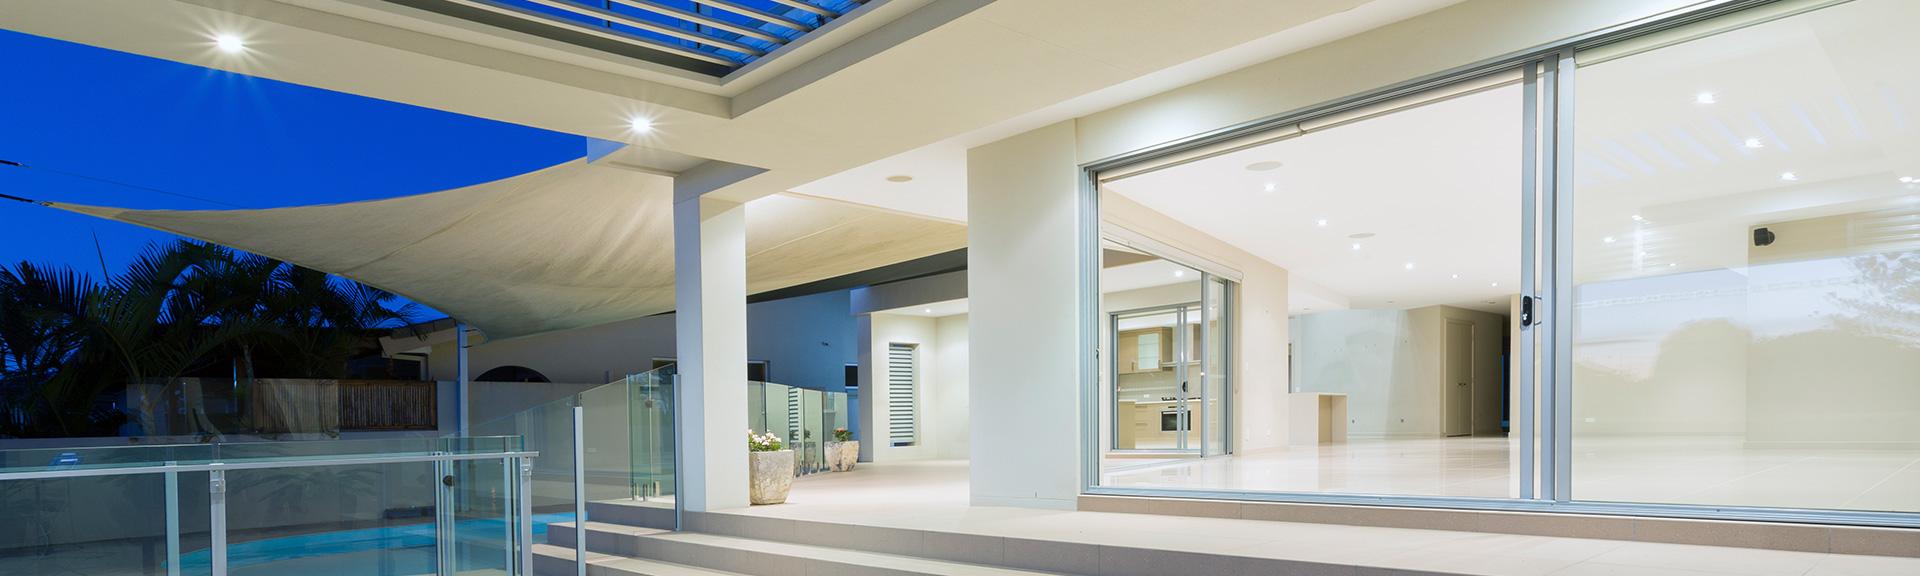 Weltnorm - Premium kakovostna okna